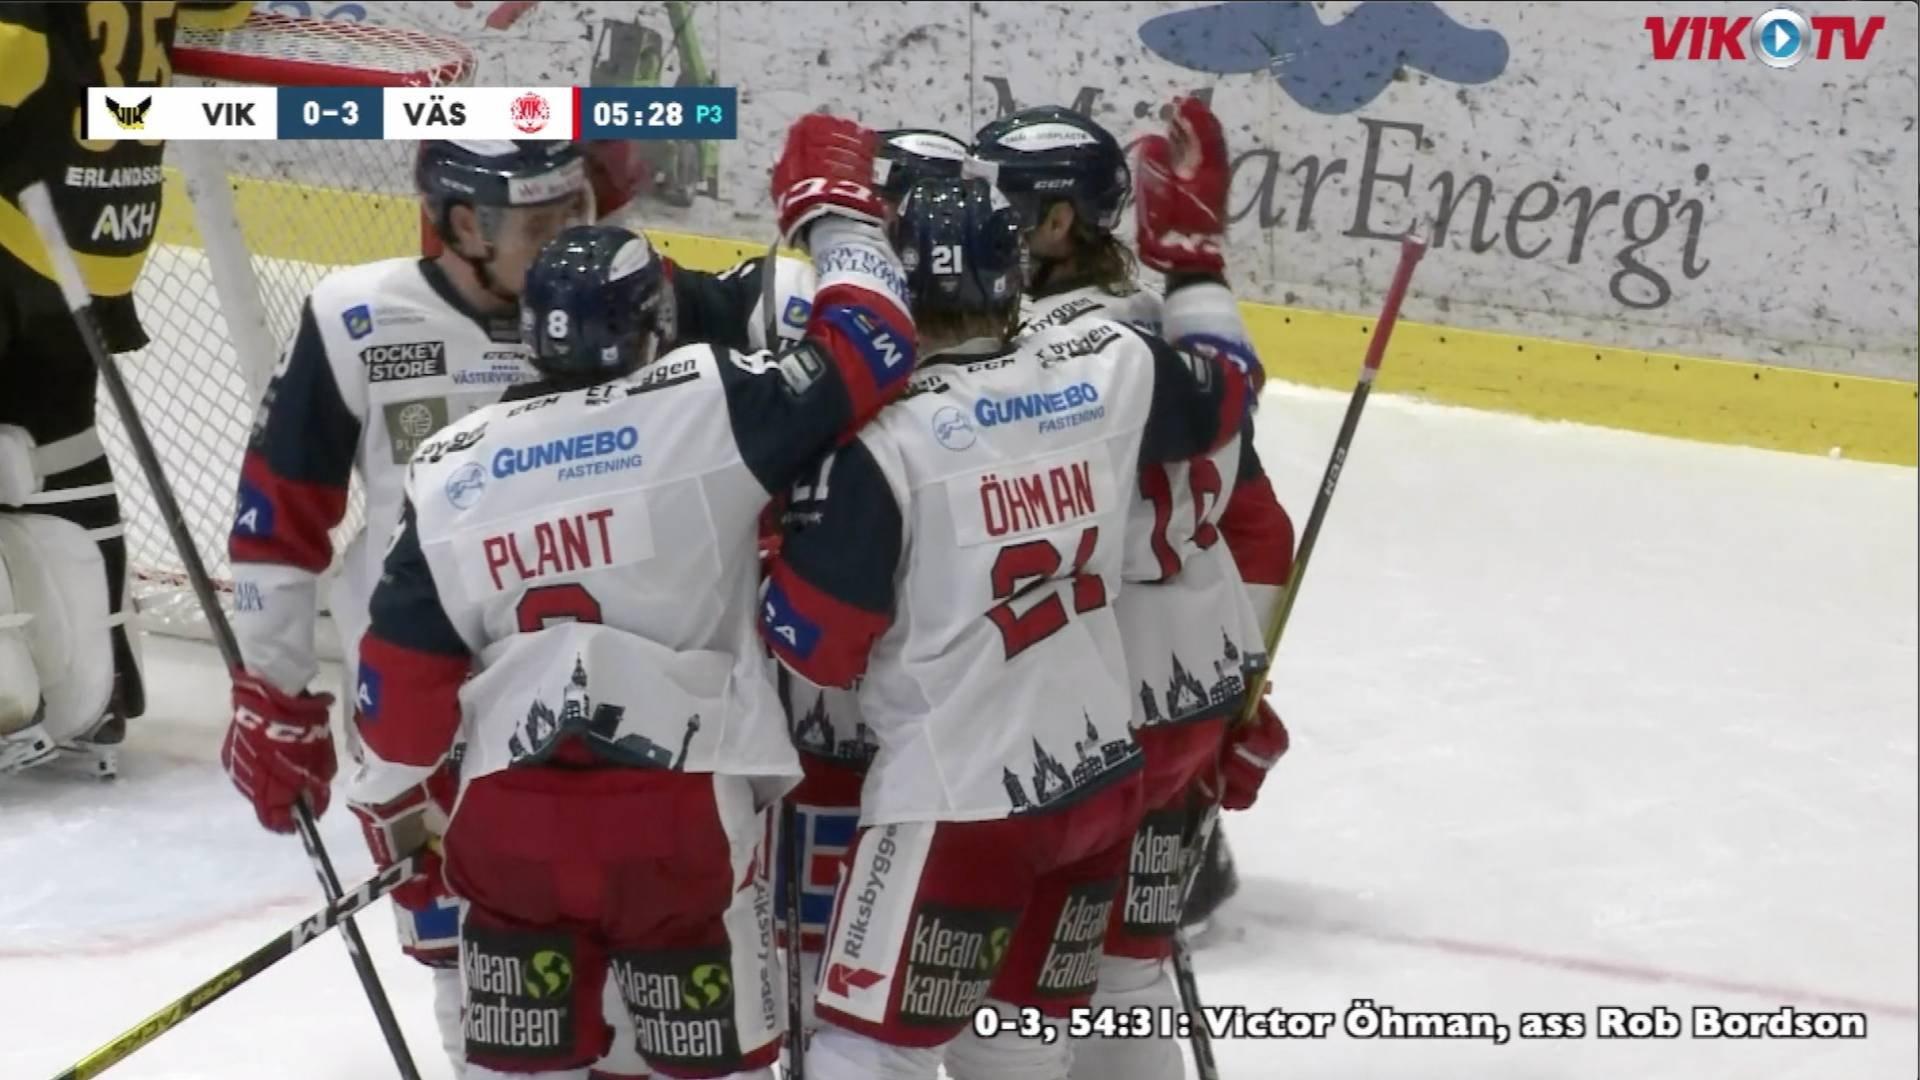 VIK-TV: Highlights Västerås-Västervik 0-3 från C More